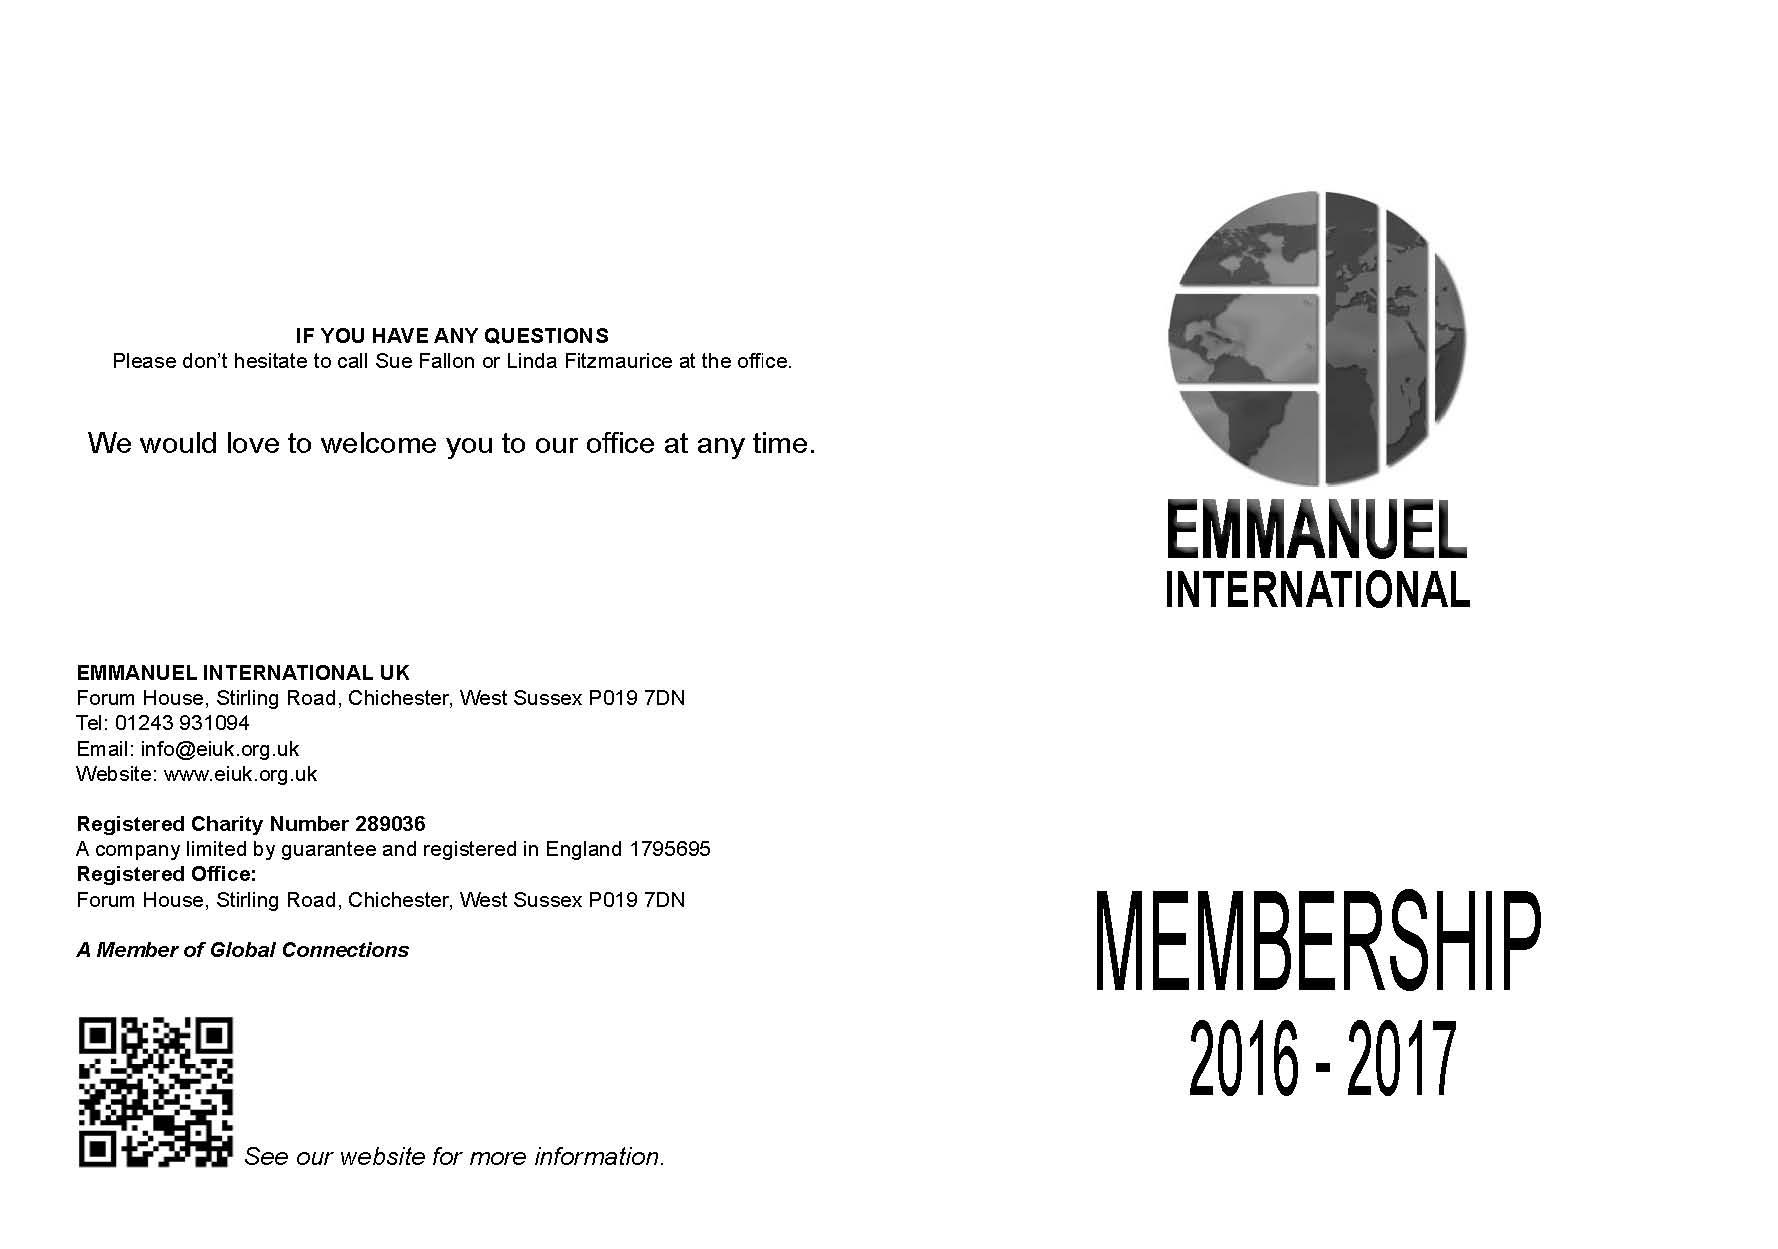 Membership 2016-2017